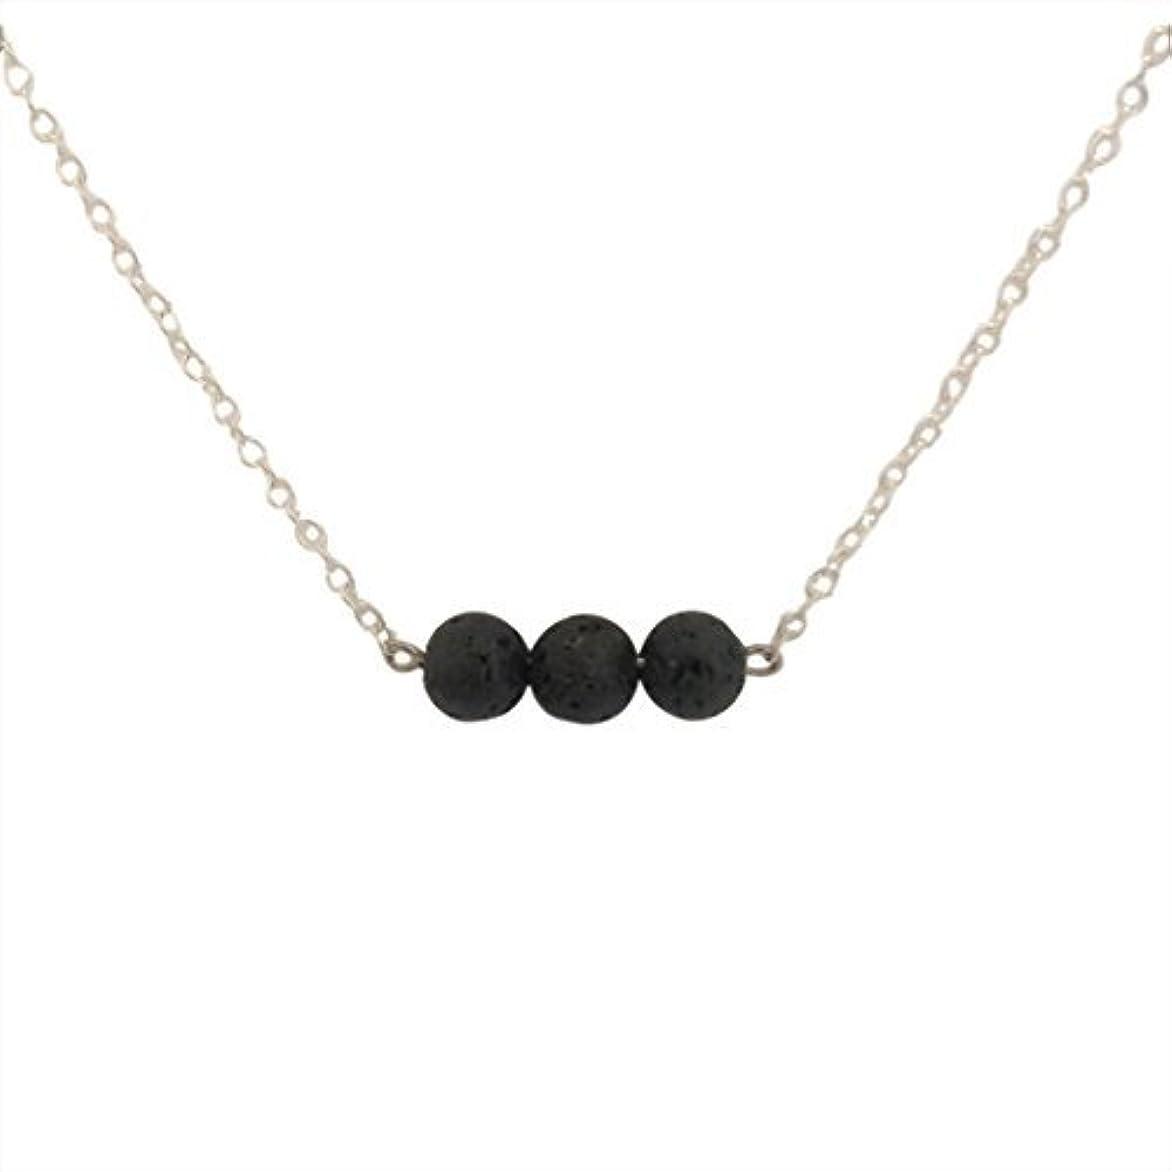 教える宅配便真実Trio of Lava Beads Bar Aromatherapy Necklace Essential Oil Diffuser Lava Stone Pendant Jewelry [並行輸入品]